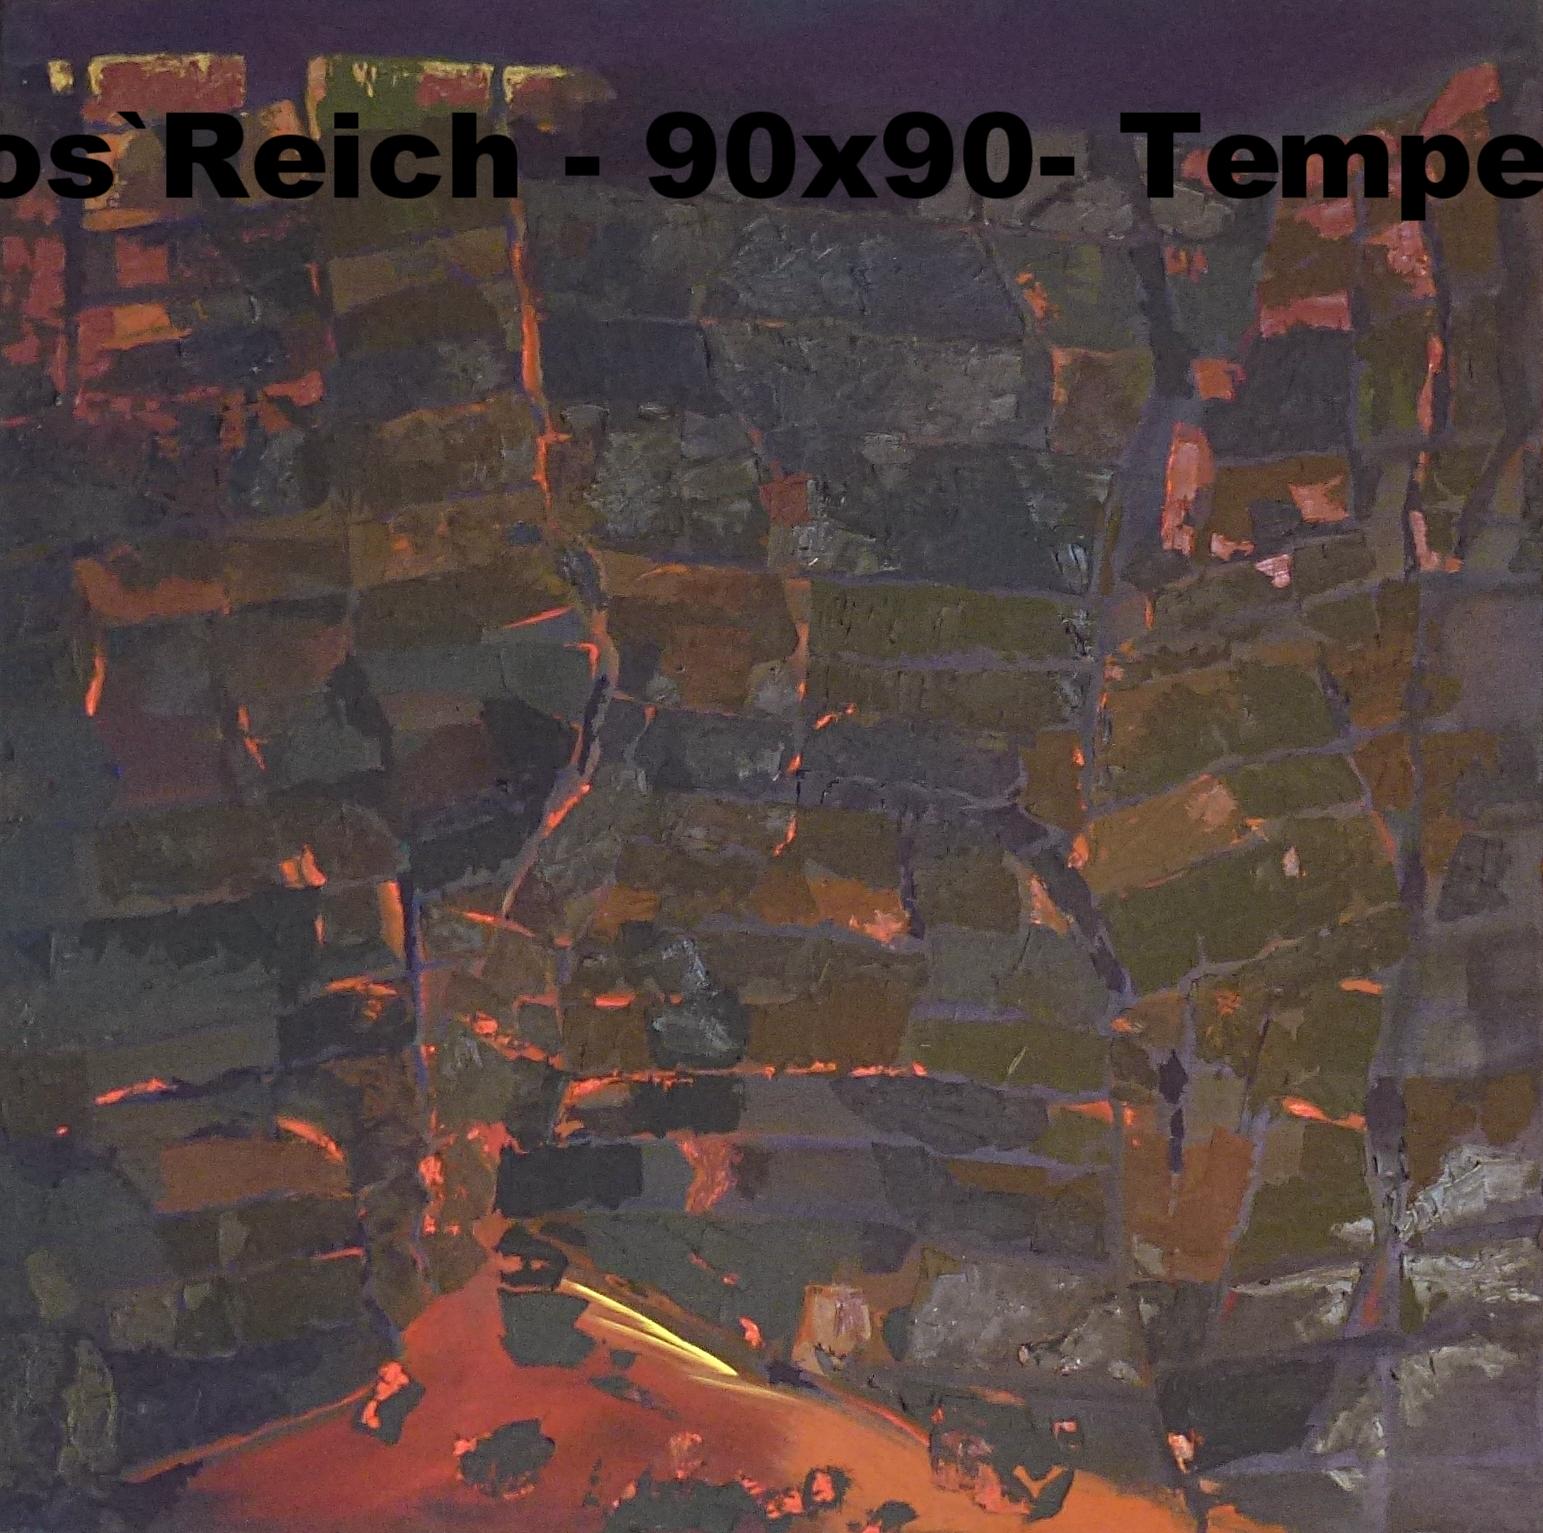 in Hephaistos Reich - gemagerte Ölfarbe und Eitempera auf Leinwand - 90 x 90